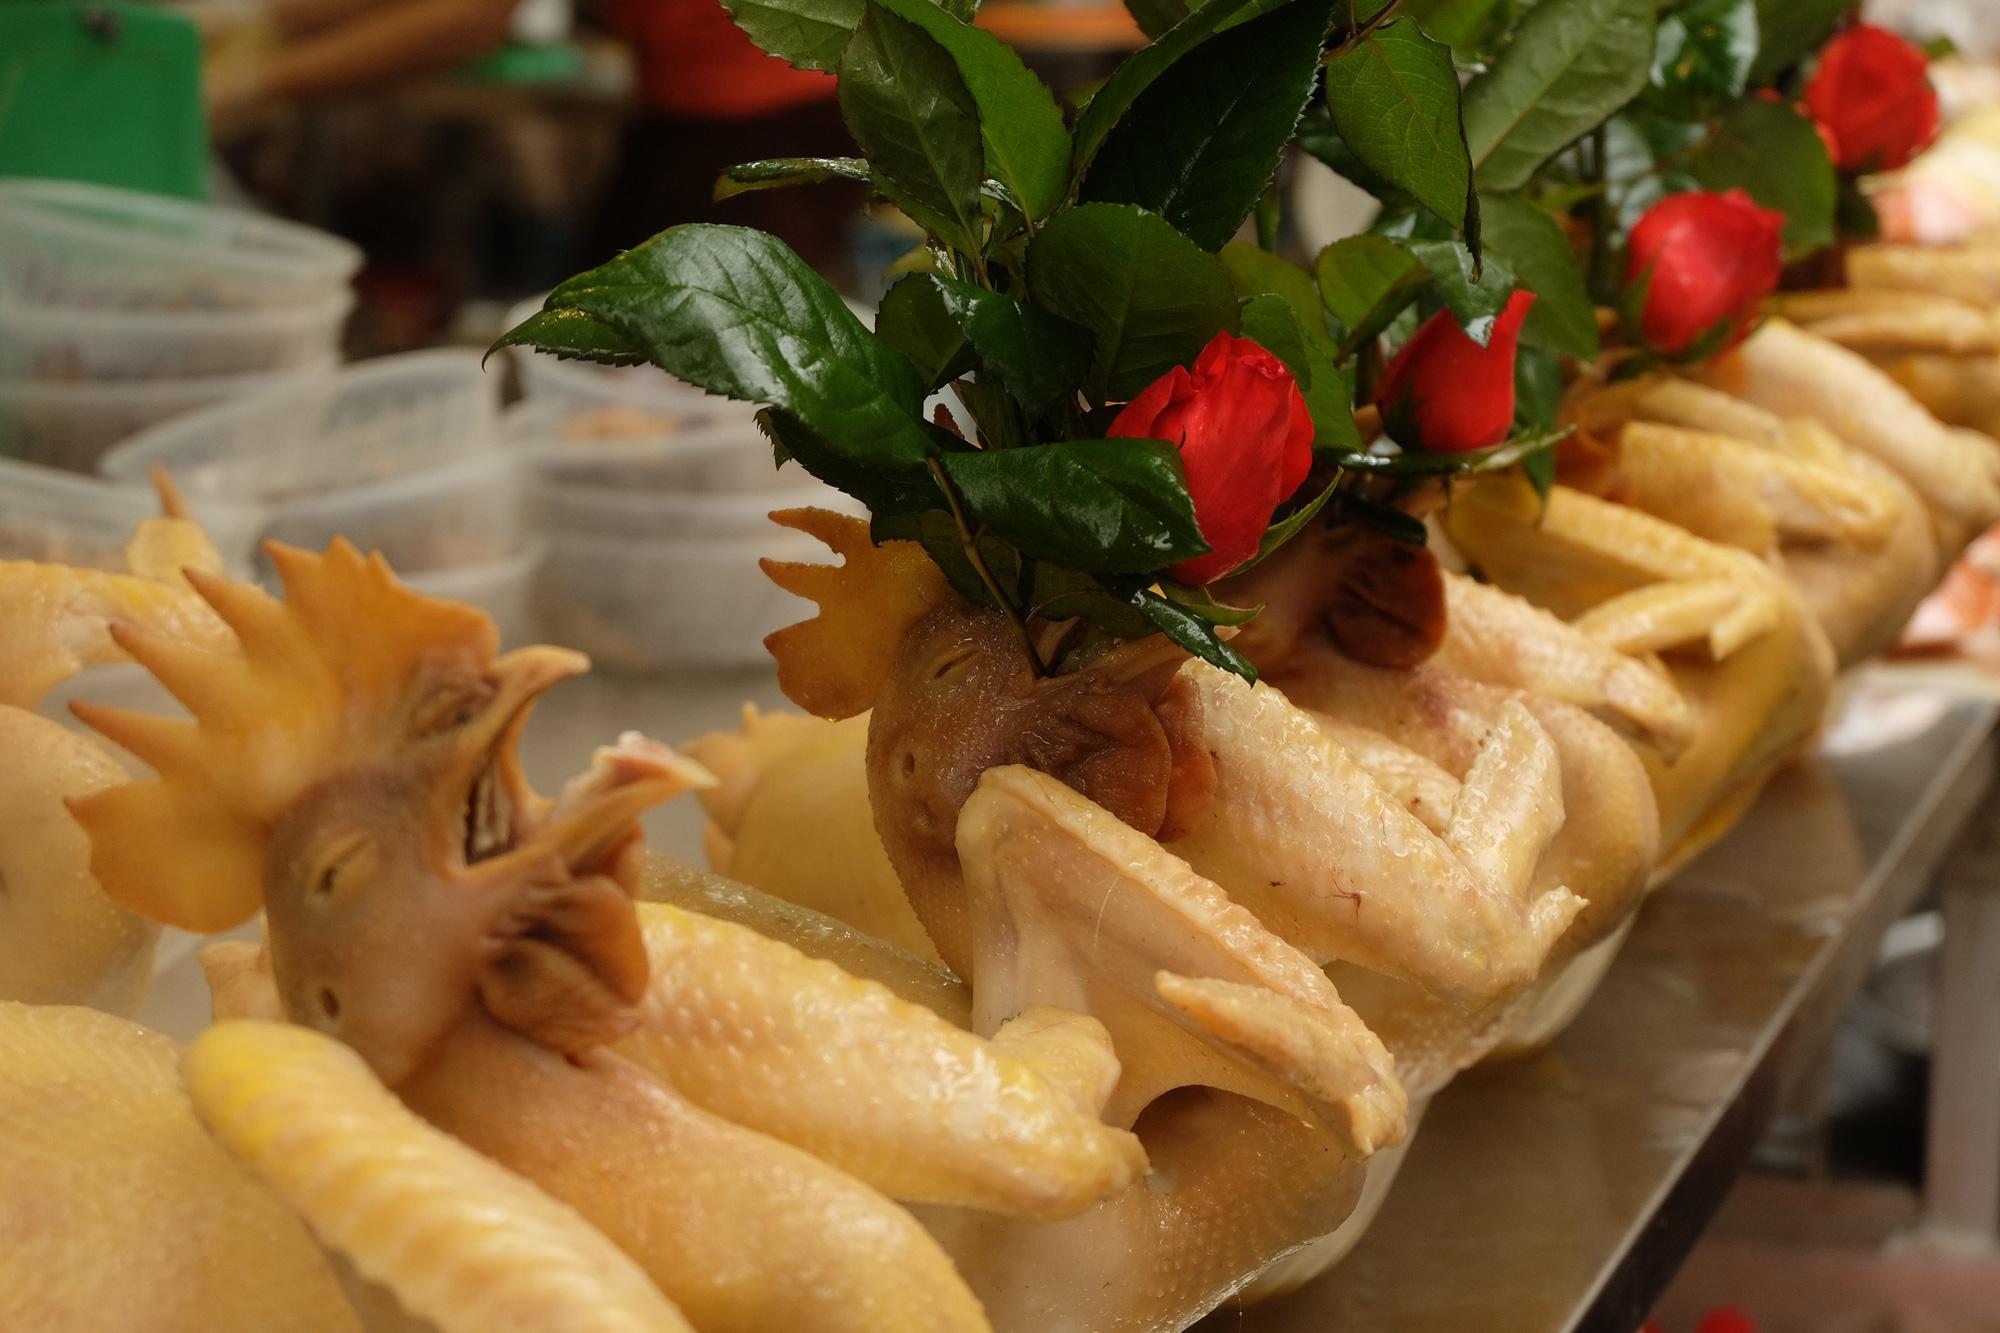 """Hoa tươi cúng Rằm tháng Giêng """"rẻ chưa từng thấy"""", gà cúng và các thực phẩm khác ít biến động - Ảnh 6."""